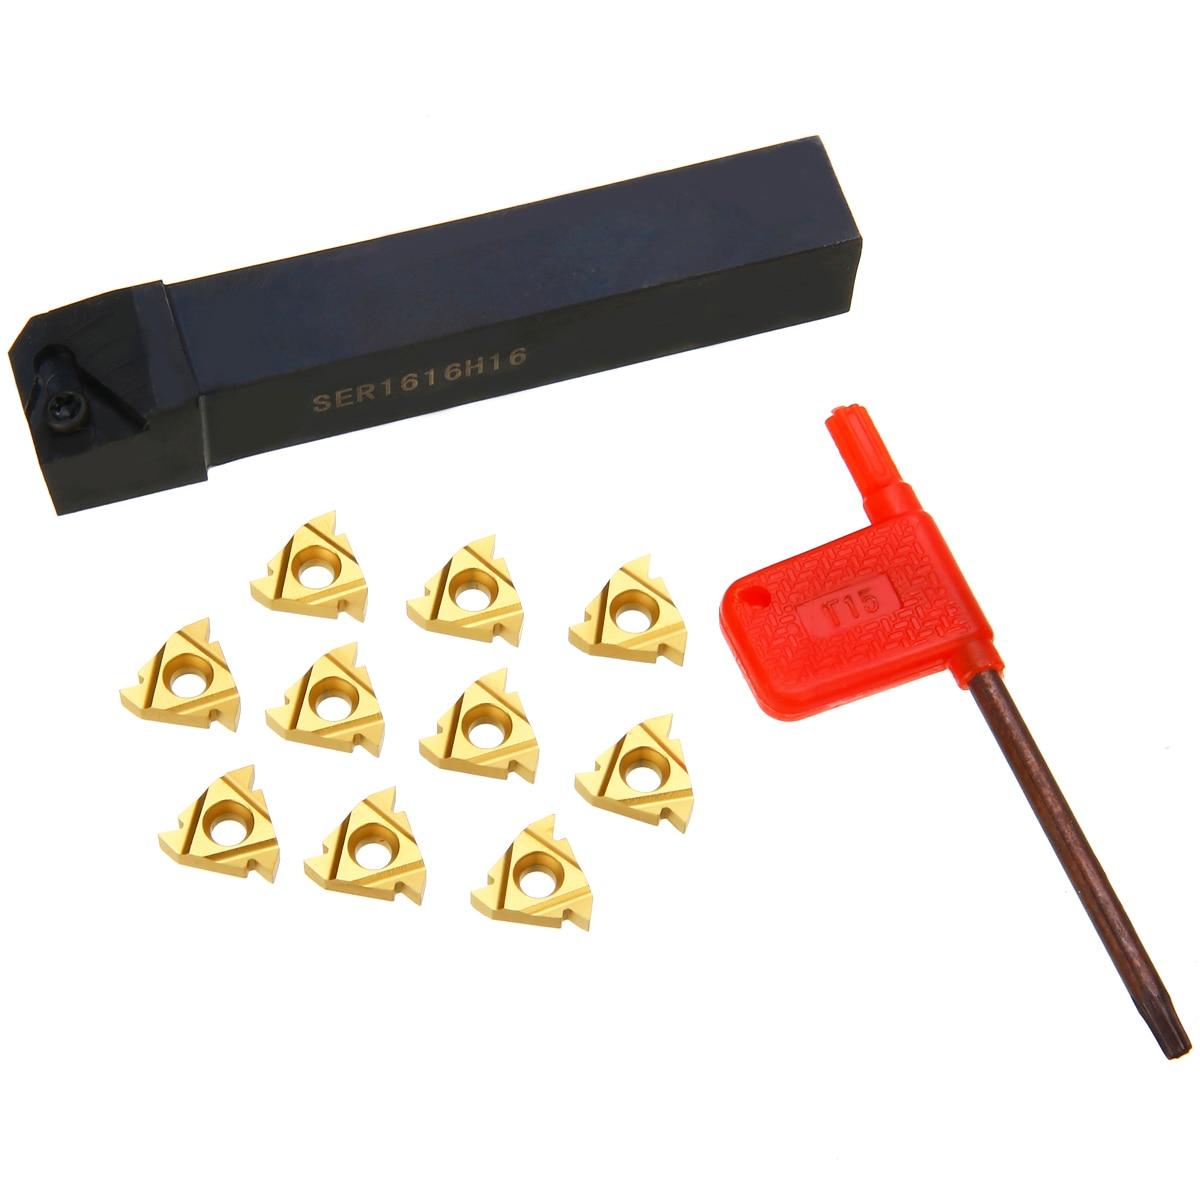 دارنده ابزار 1pc SER1616H16 + 10 قطعه 16ER AG60 کاربید درج داخلی + آچار برای تبدیل ابزار